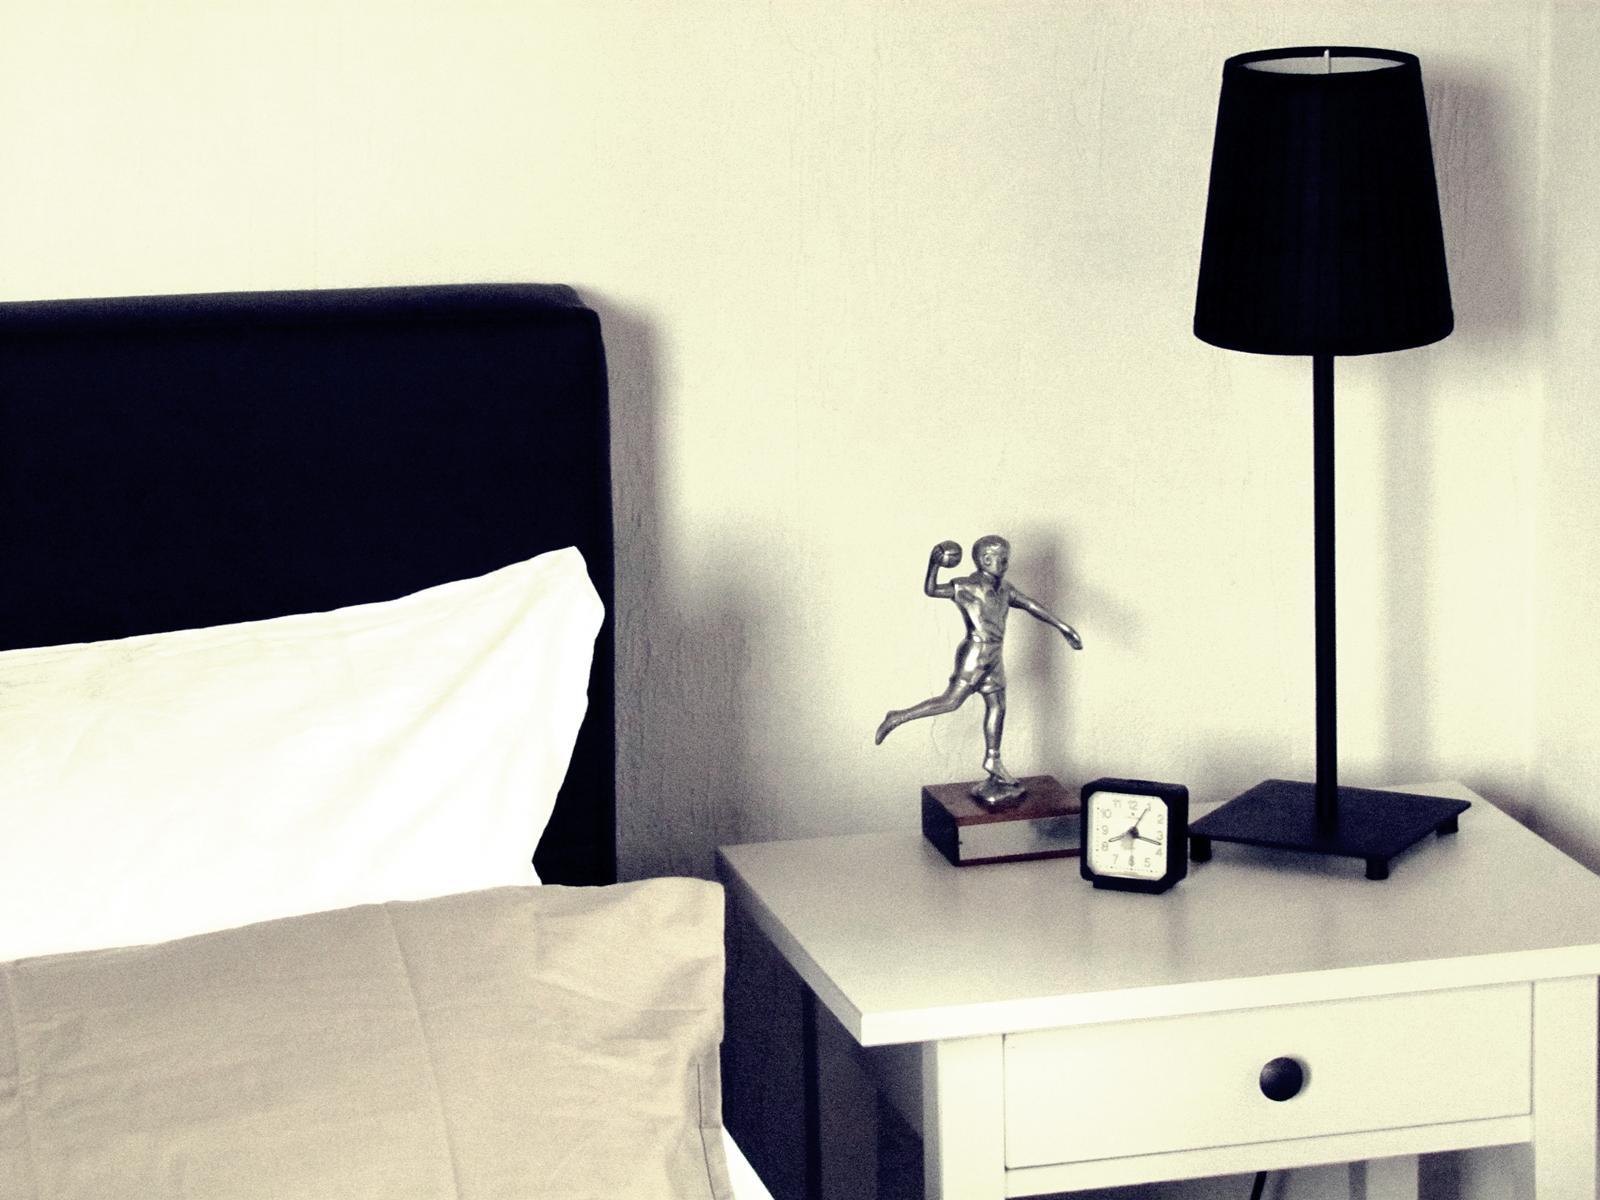 Full Size of Boxspringbetten Ikea Boxspringbett Minimalistisches Schlafzimmer Beistelltisch Modulküche Sofa Mit Schlaffunktion Küche Kosten Miniküche Kaufen Betten Bei Wohnzimmer Boxspringbetten Ikea